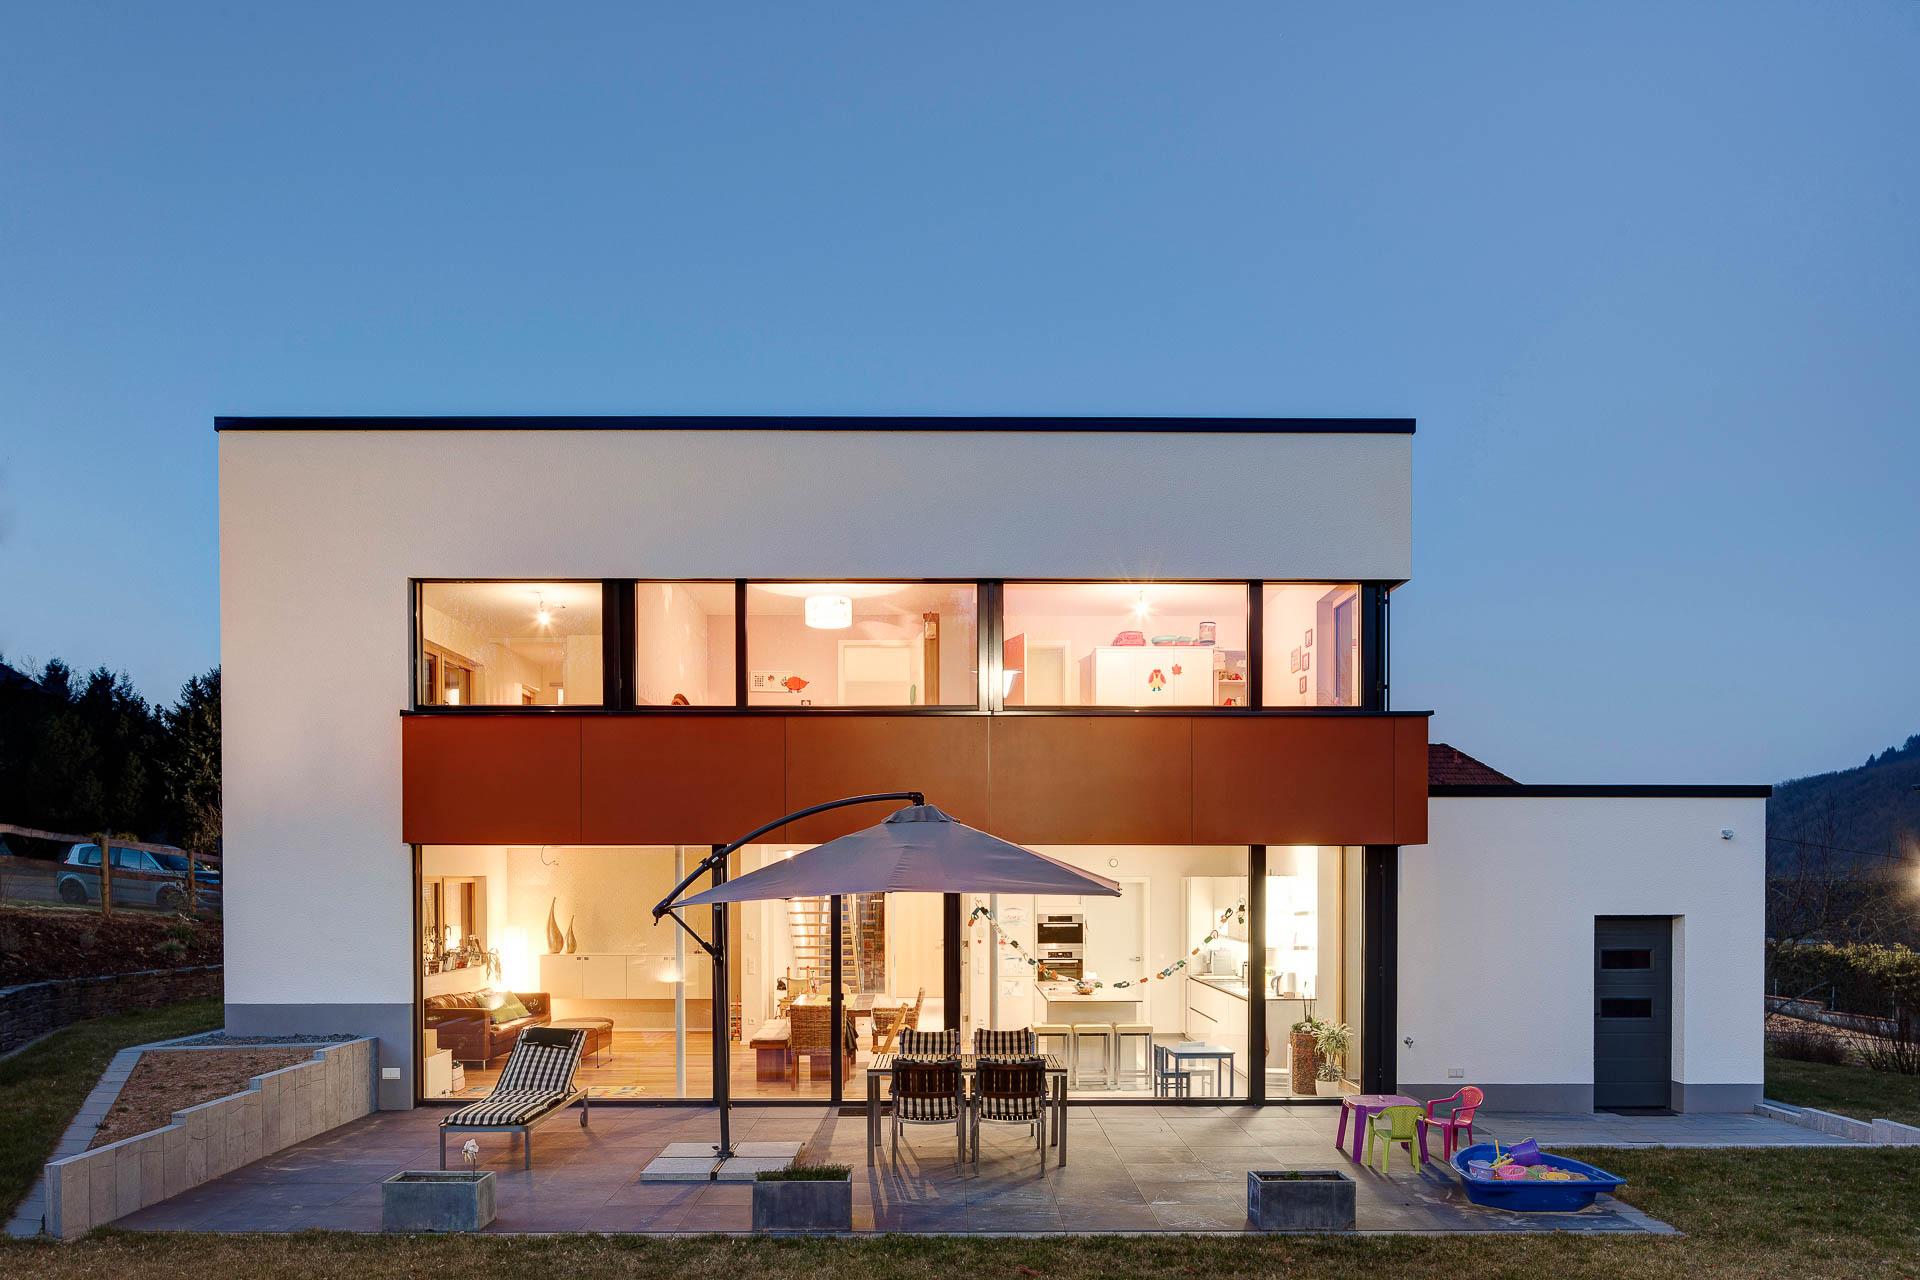 Architektur Einfamilienhaus Nachtaufnahme, Gemeinde Bruch